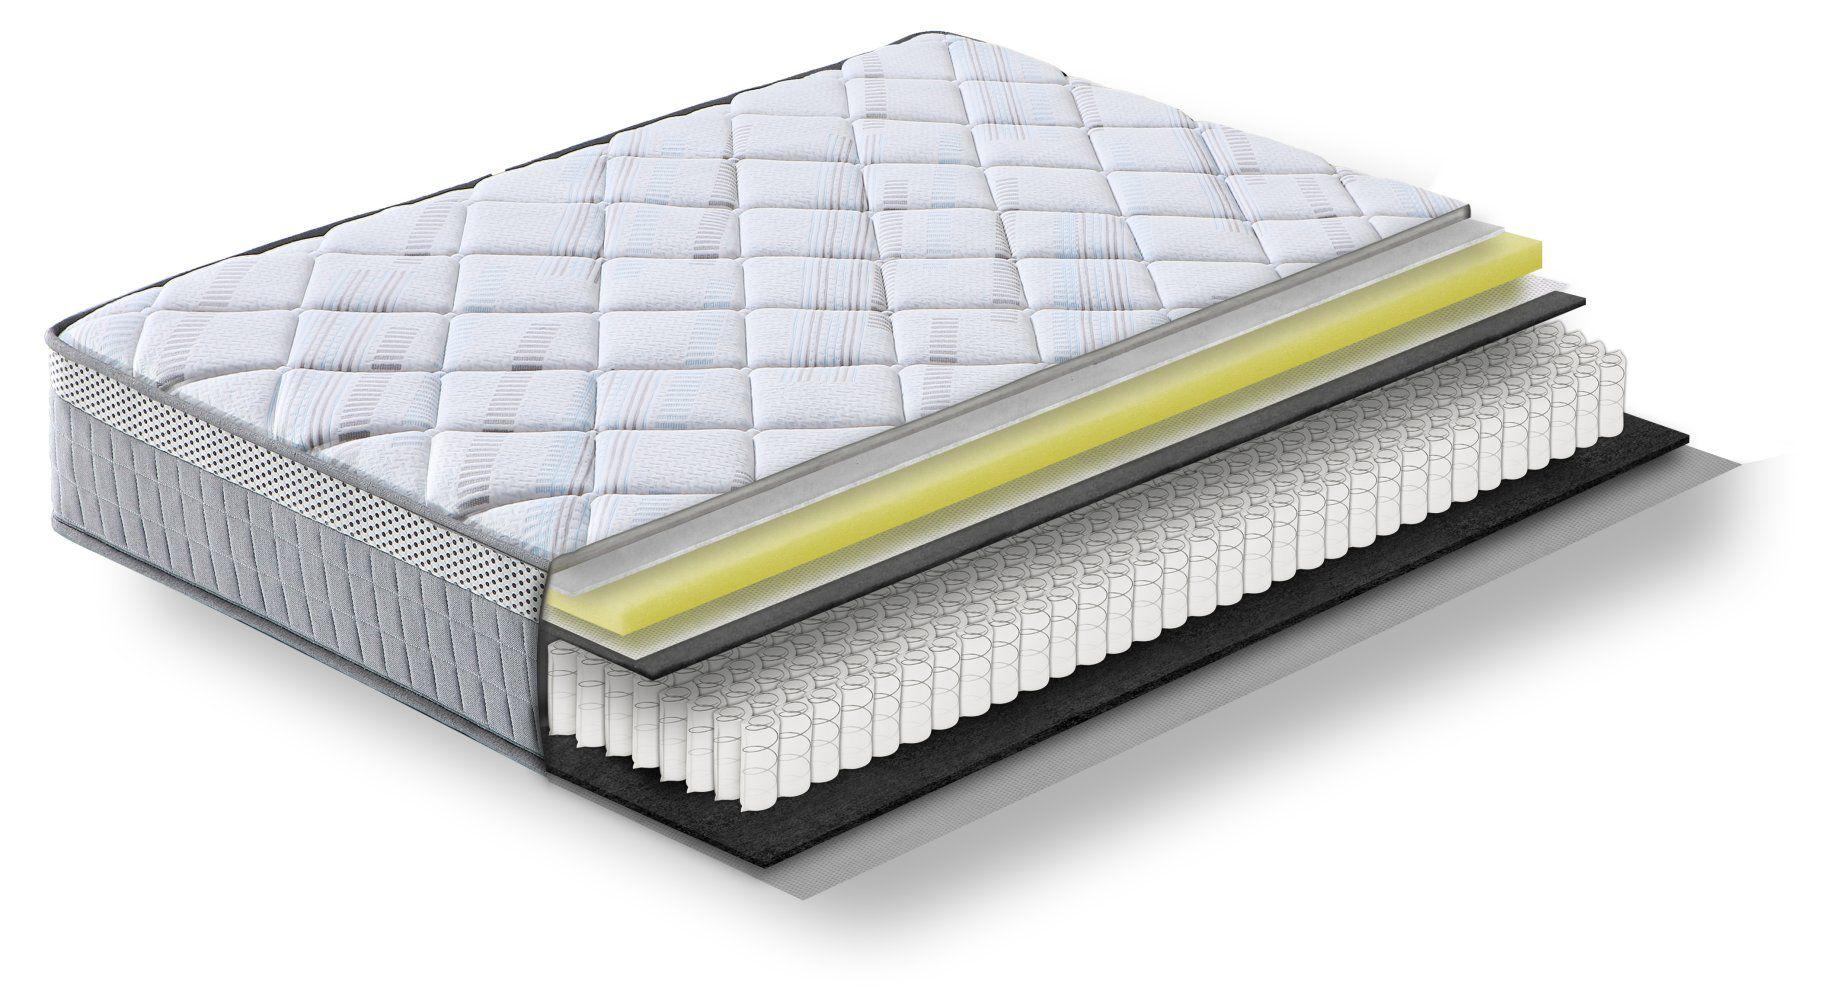 Steiner Premium matras Wonder met pocketveren kern - afmeting: 120 x 200 cm, hardheidsgraad H3, hoogte: 25 cm